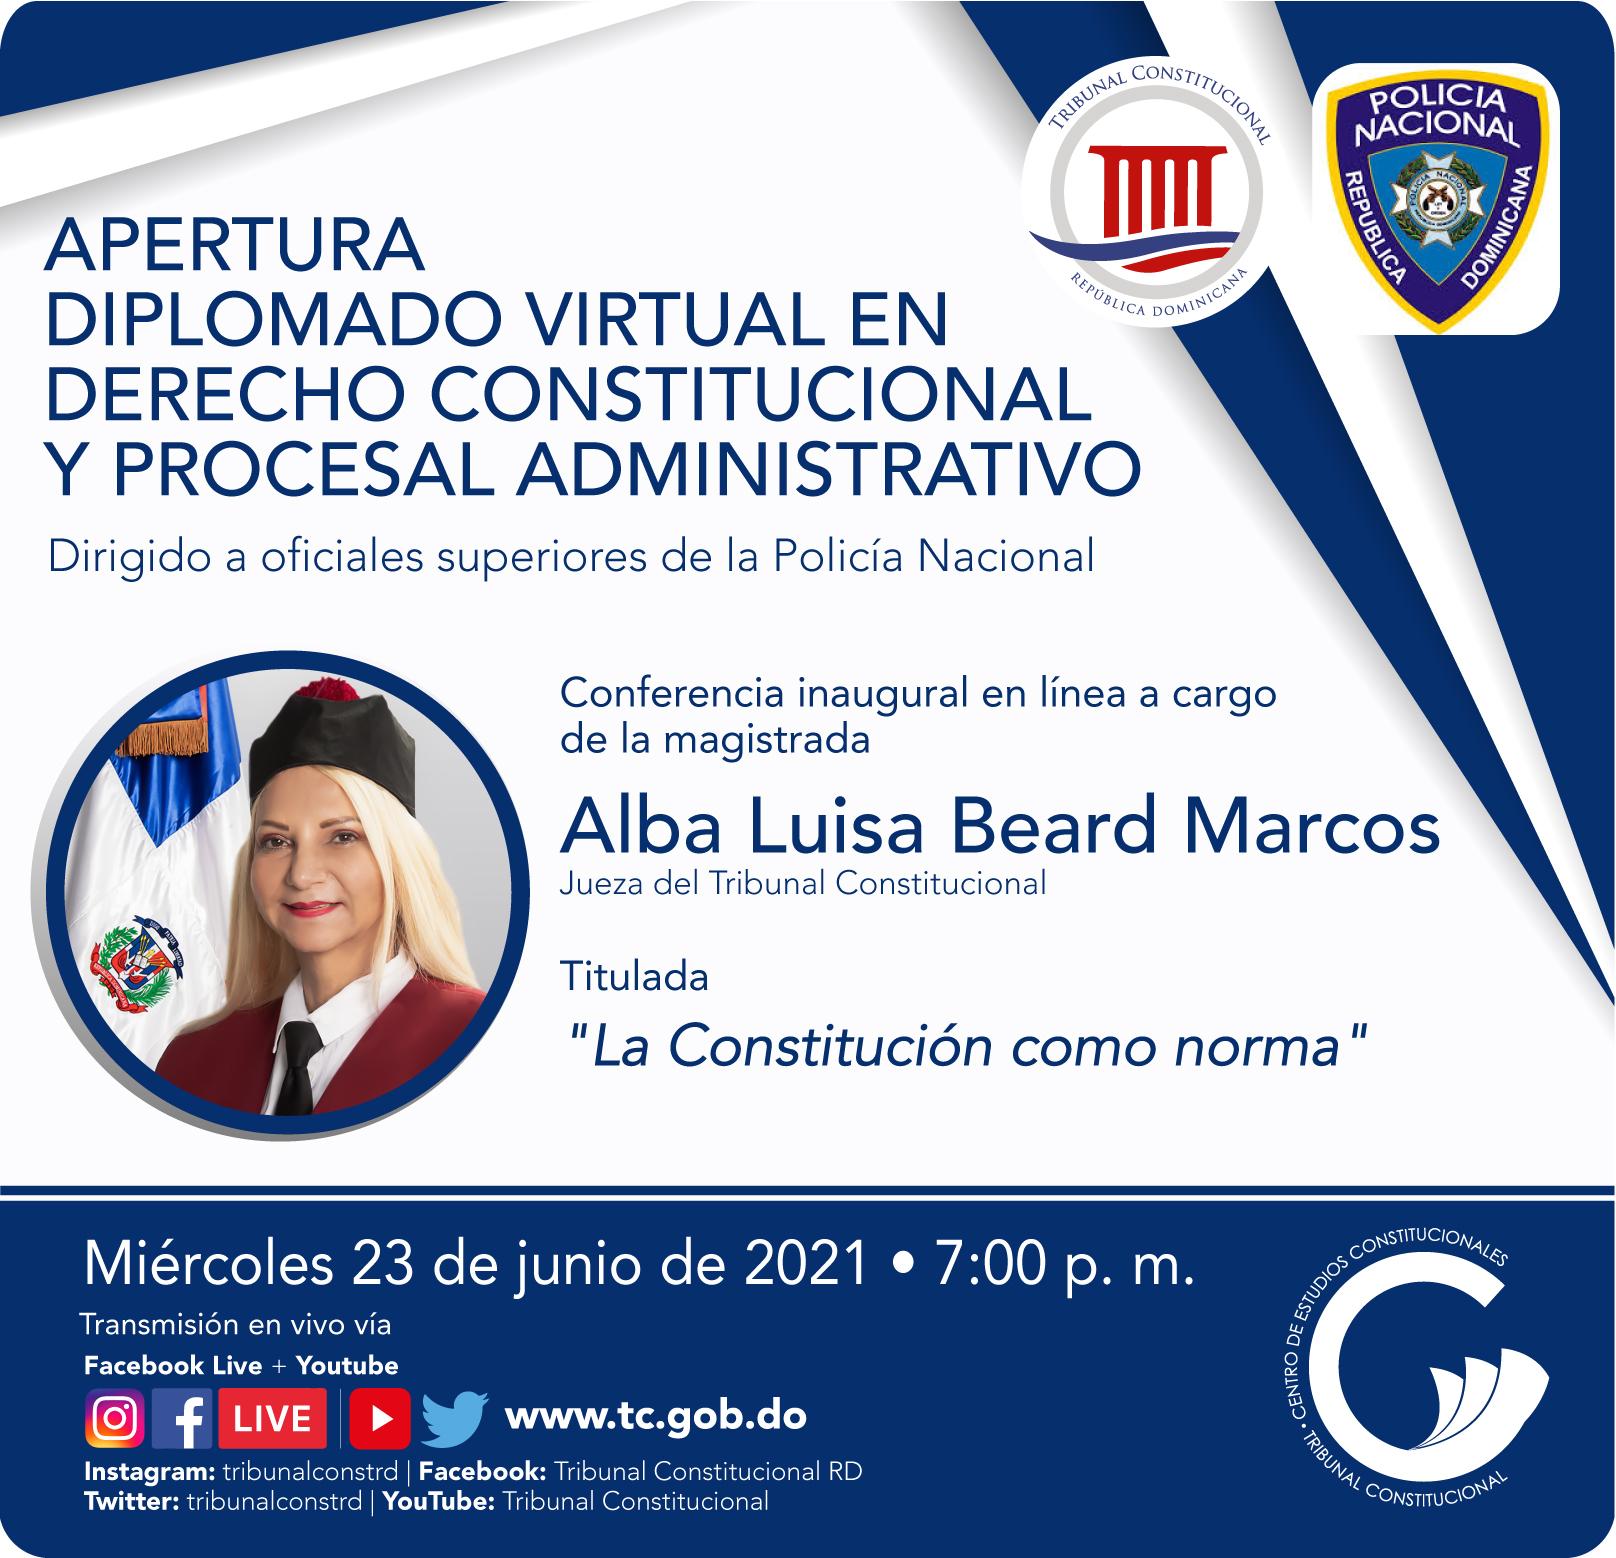 Imagen de Diplomado Virtual en Derecho Constitucional y Procesal Administrativo 2021